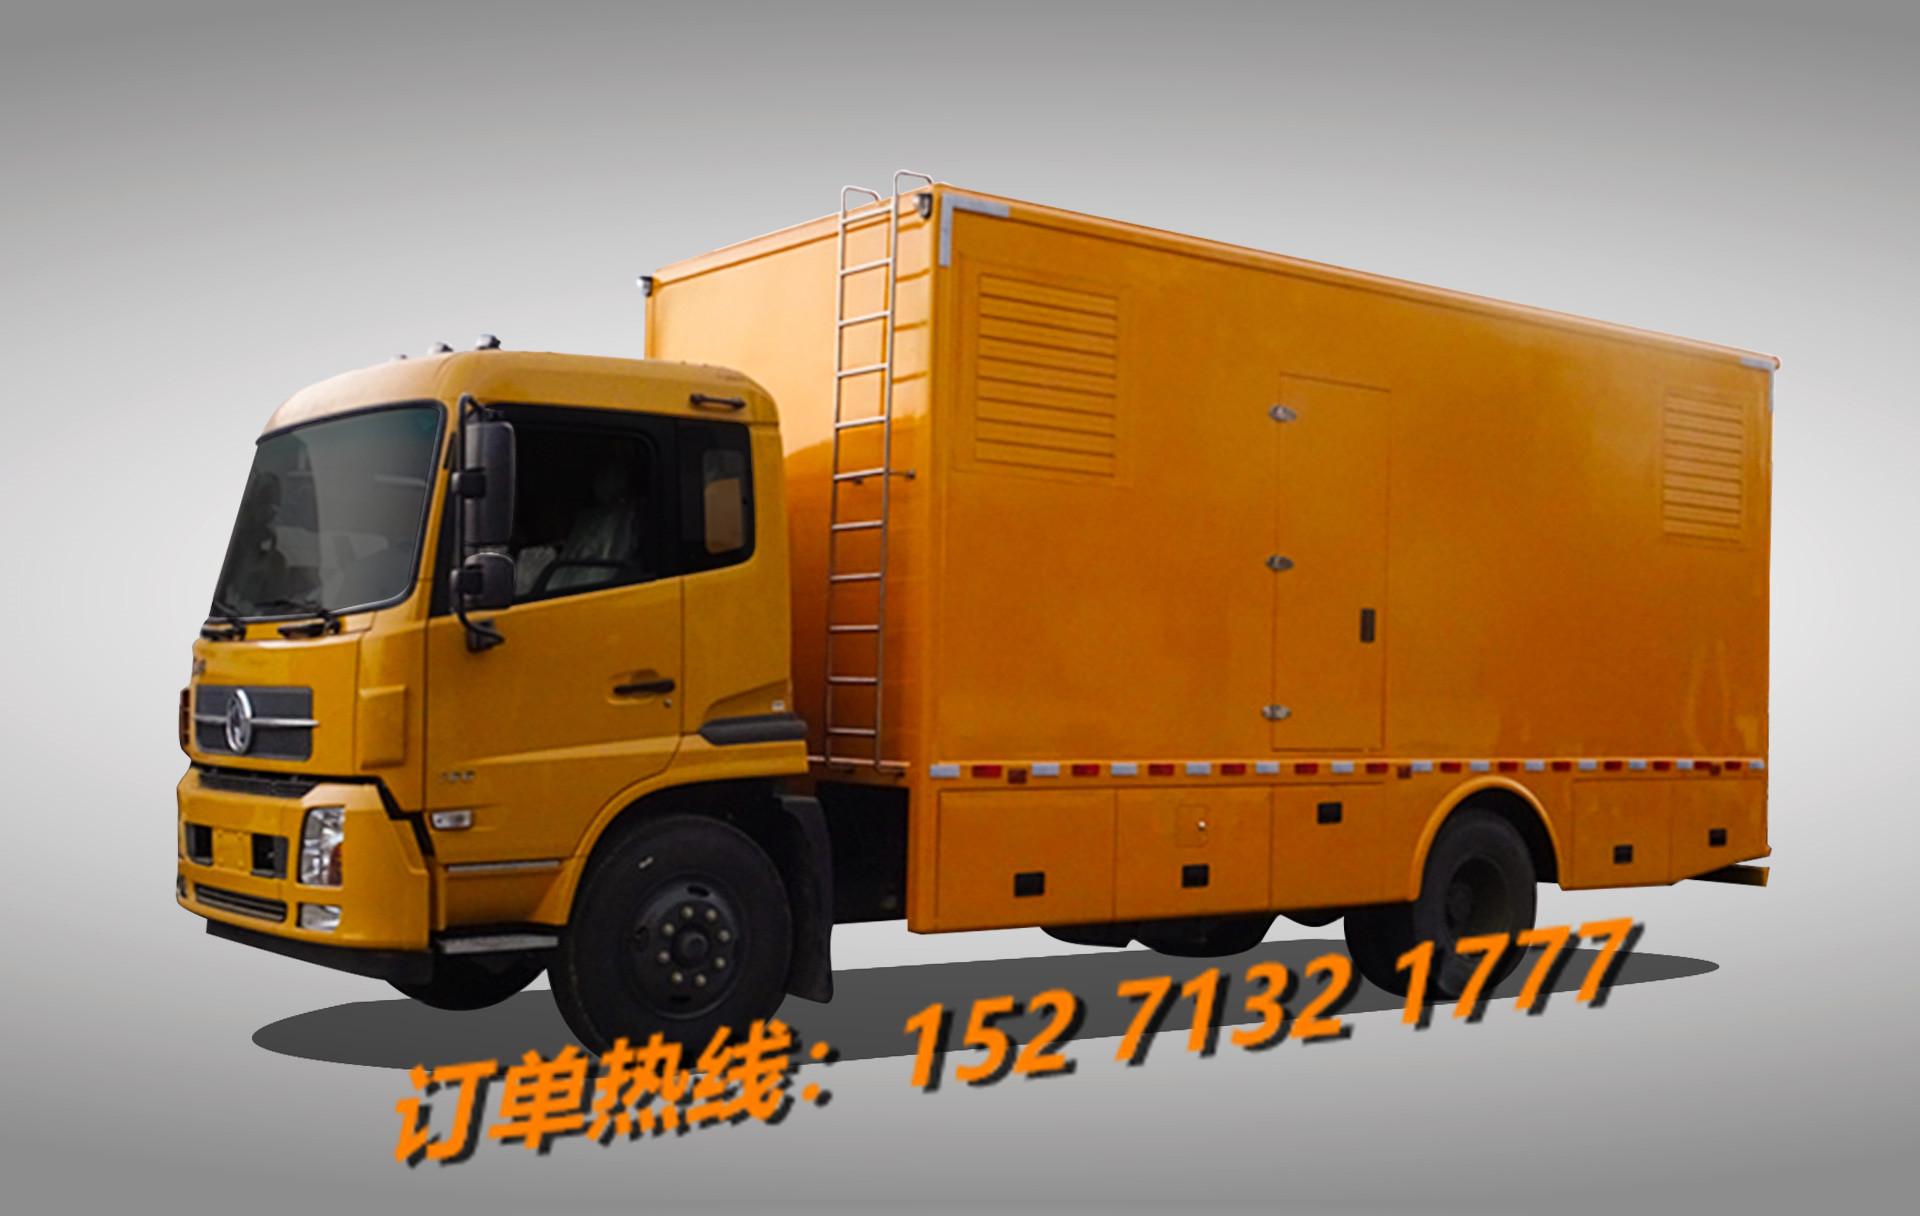 东风天锦电源车销售15271321777 (2)